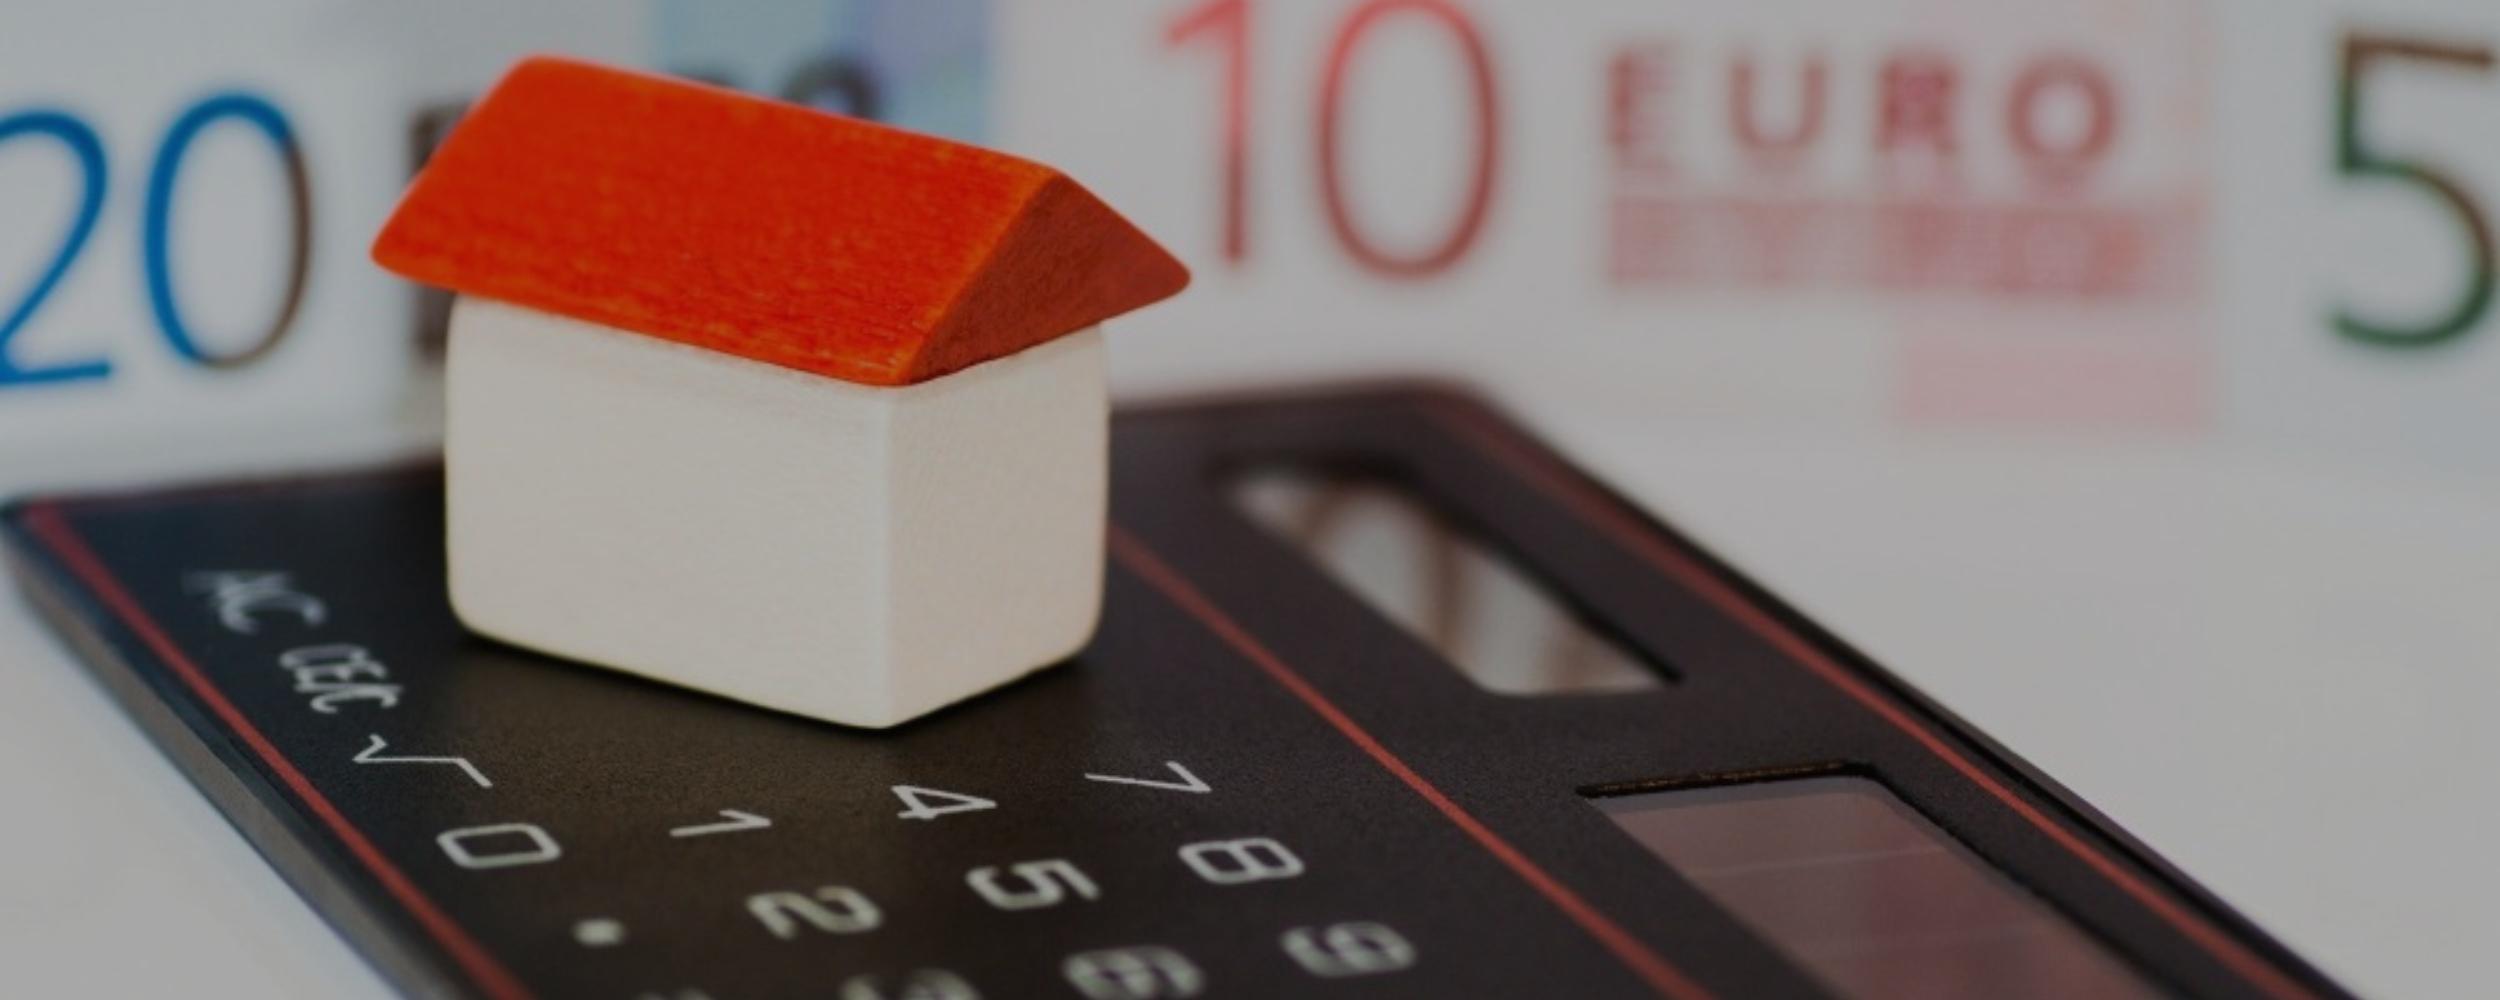 Gastos hipotecarios, procede su restitución íntegra